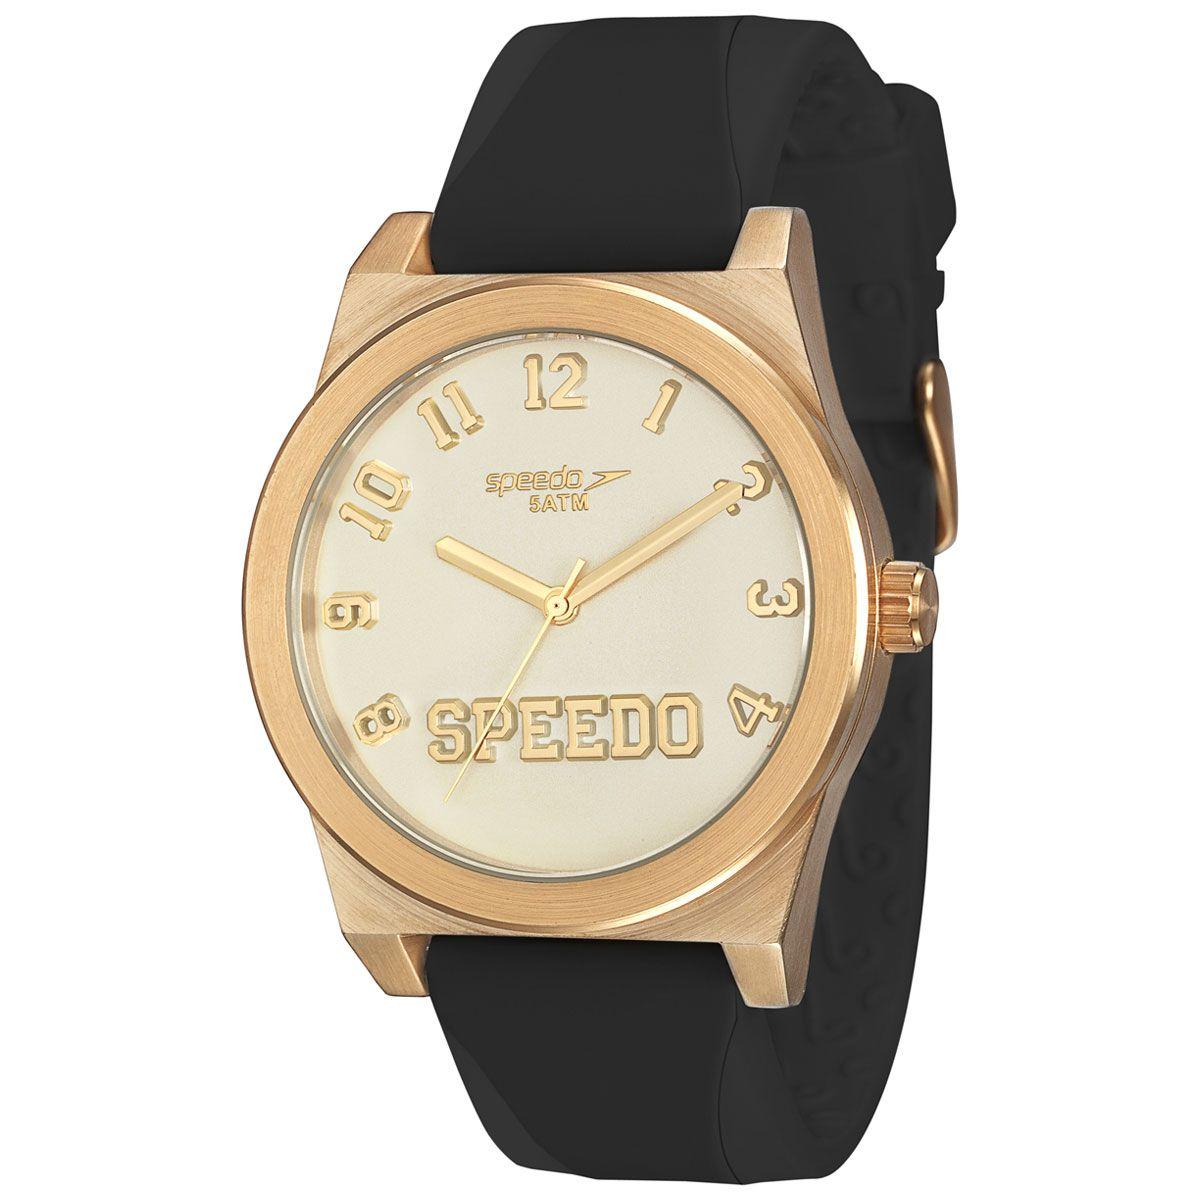 e44407107fc Relógio Feminino Analógico Speedo Fashion - Preto e Dourado - Relógios  Femininos - Comprar Relógios Femininos